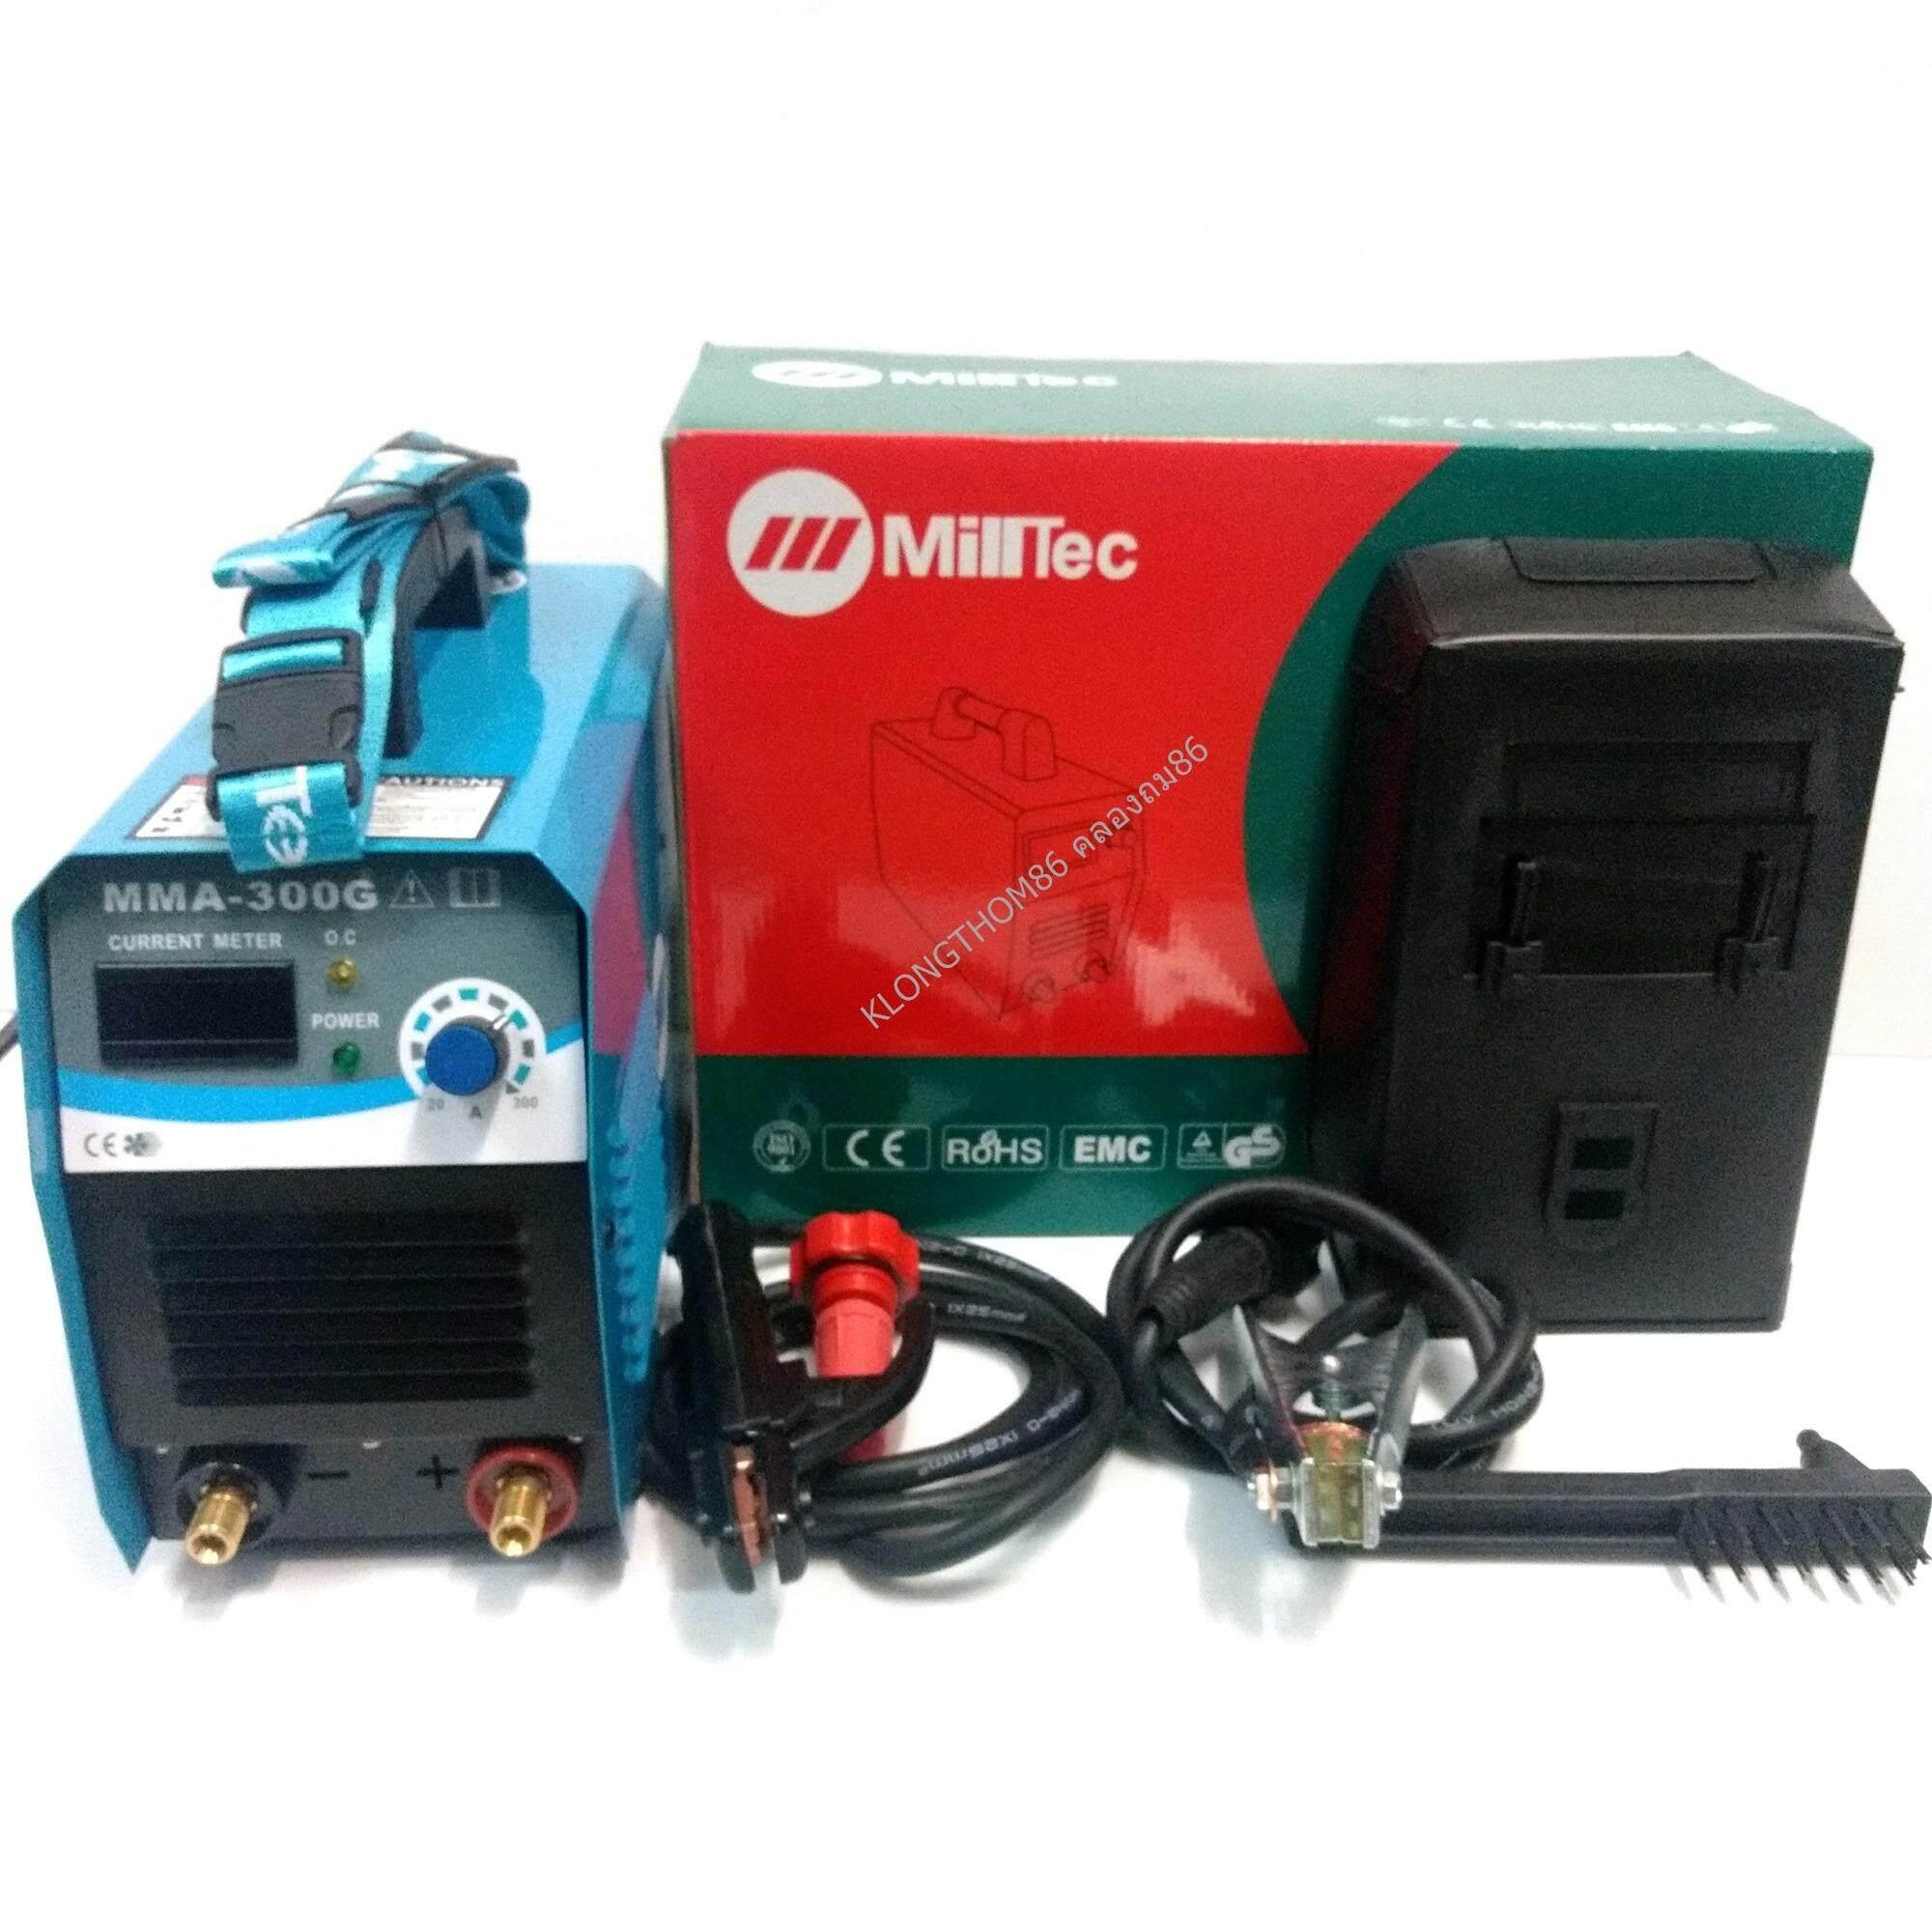 ราคา เครื่องเชื่อม ตู้เชื่อมระบบ Inverter ยี่ห้อ Miltec รุ่น Mma 300G